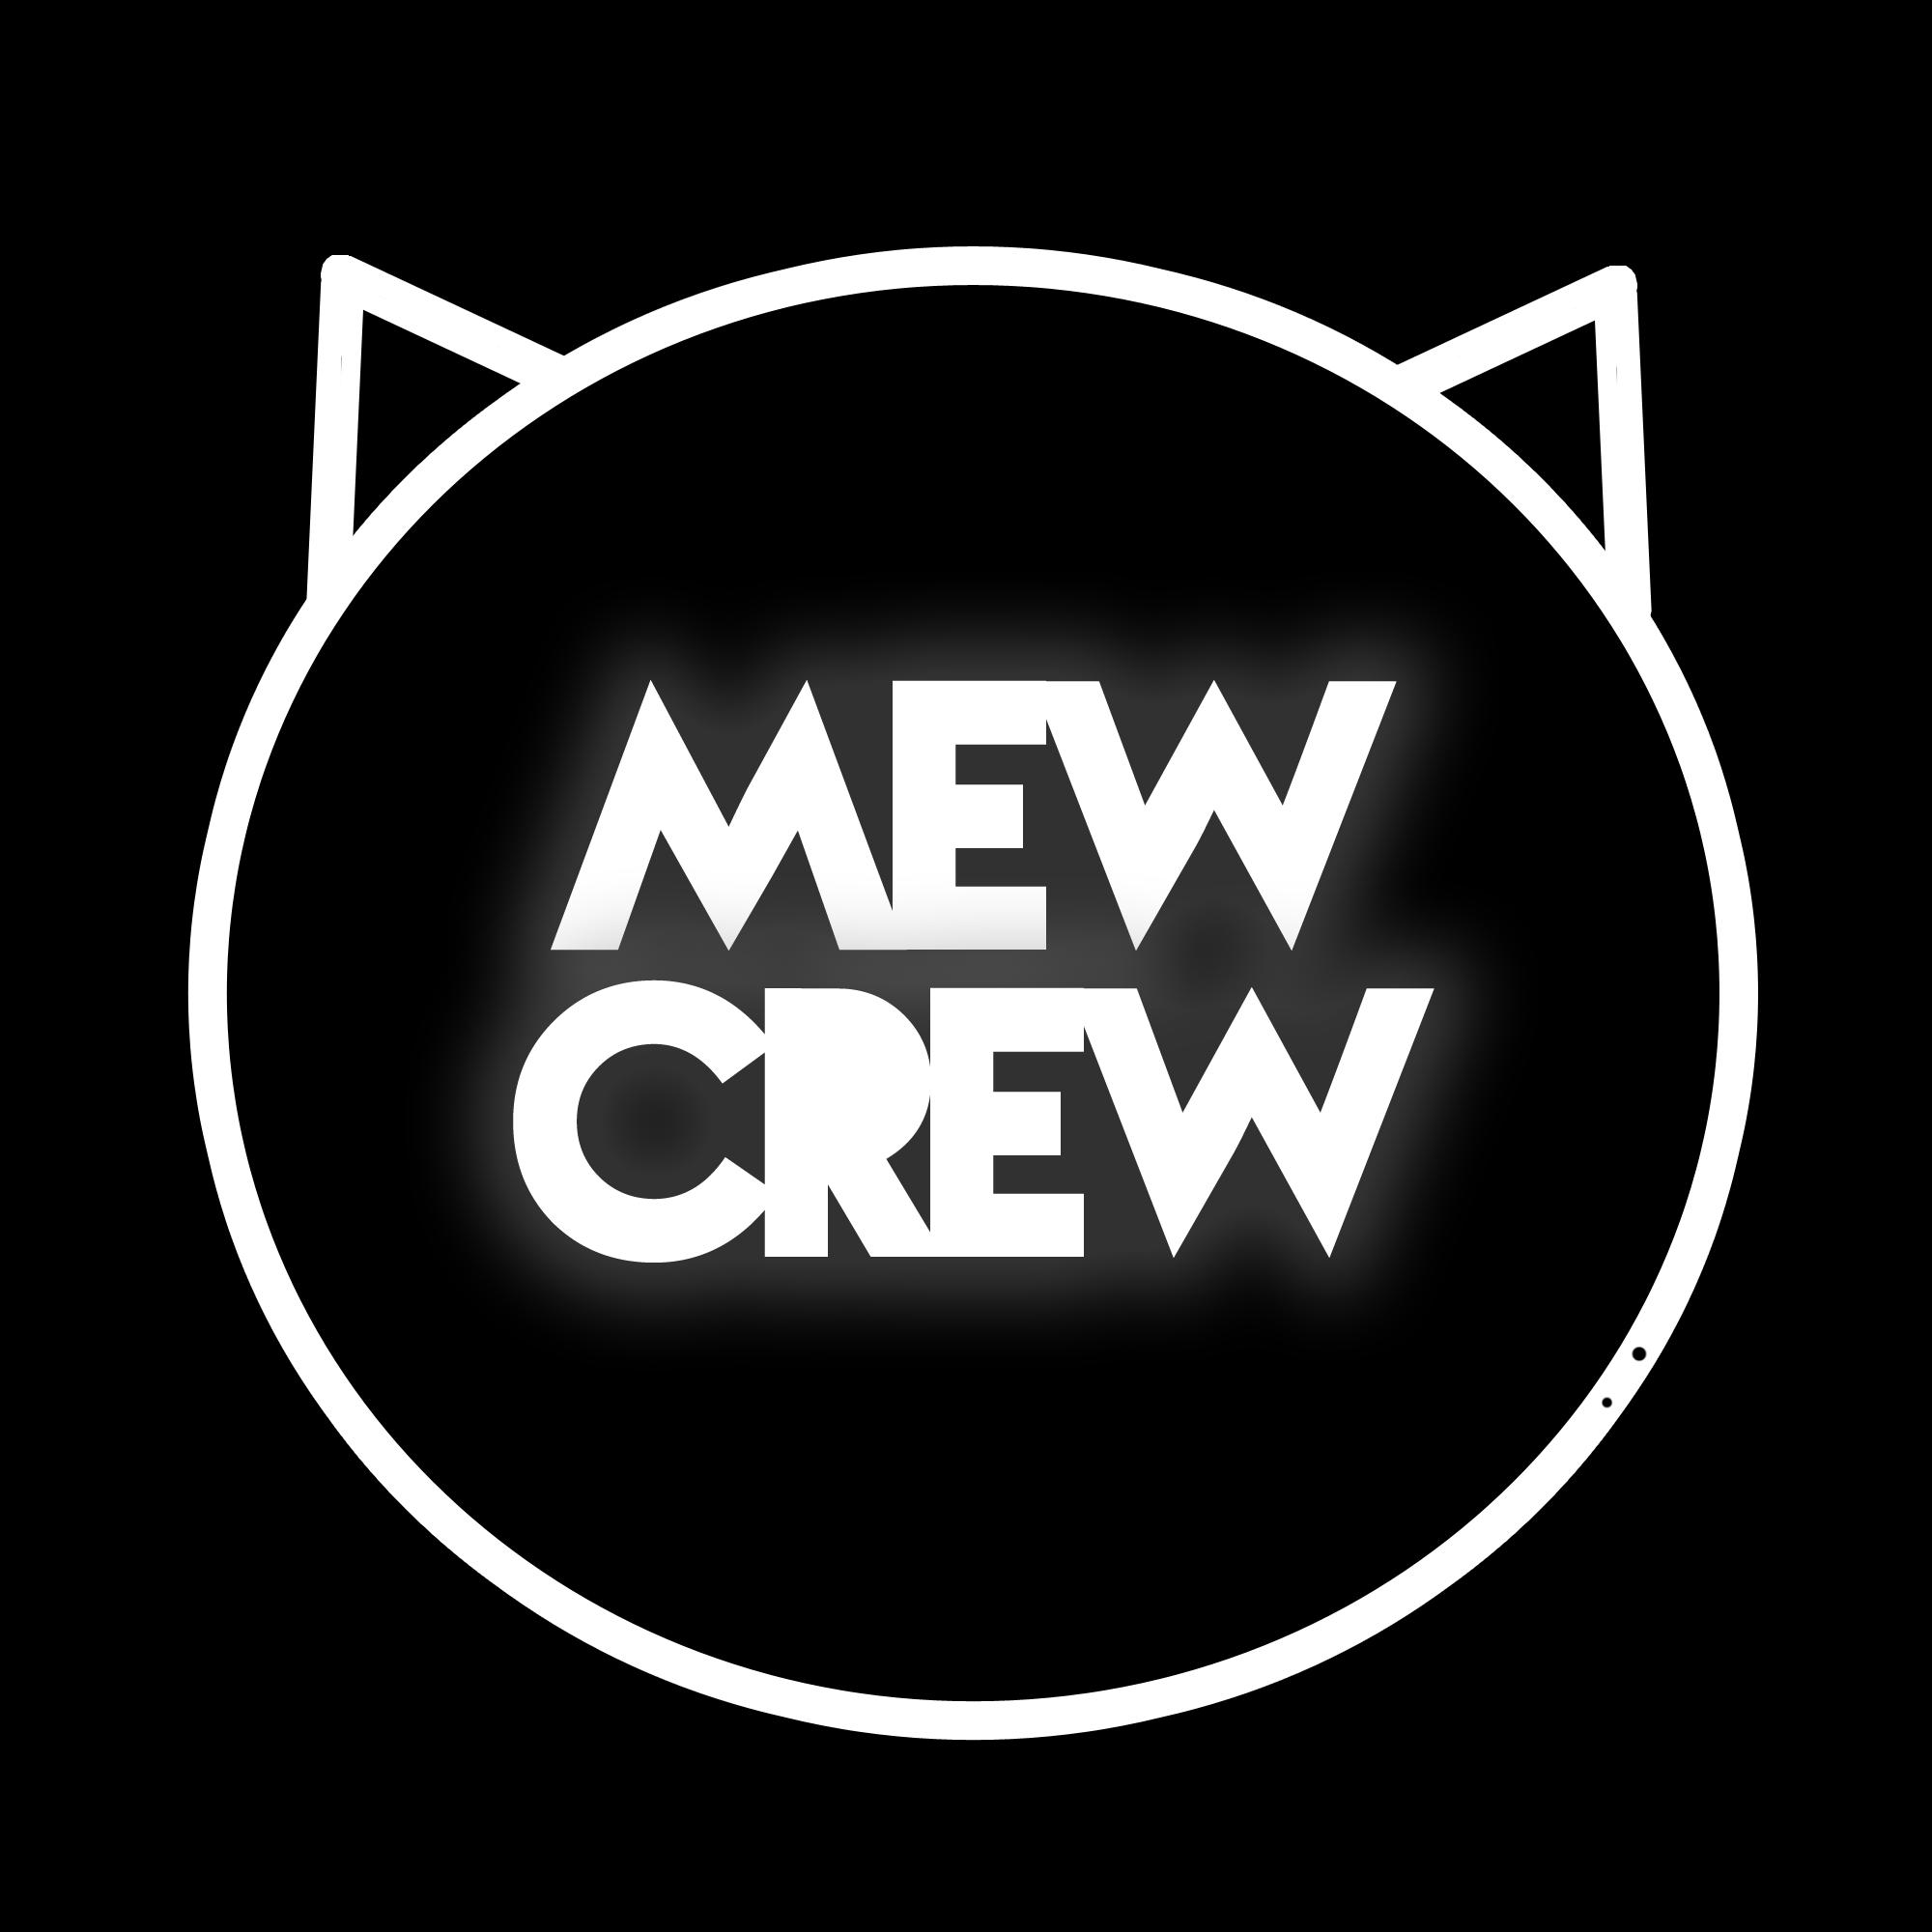 Mew Crew